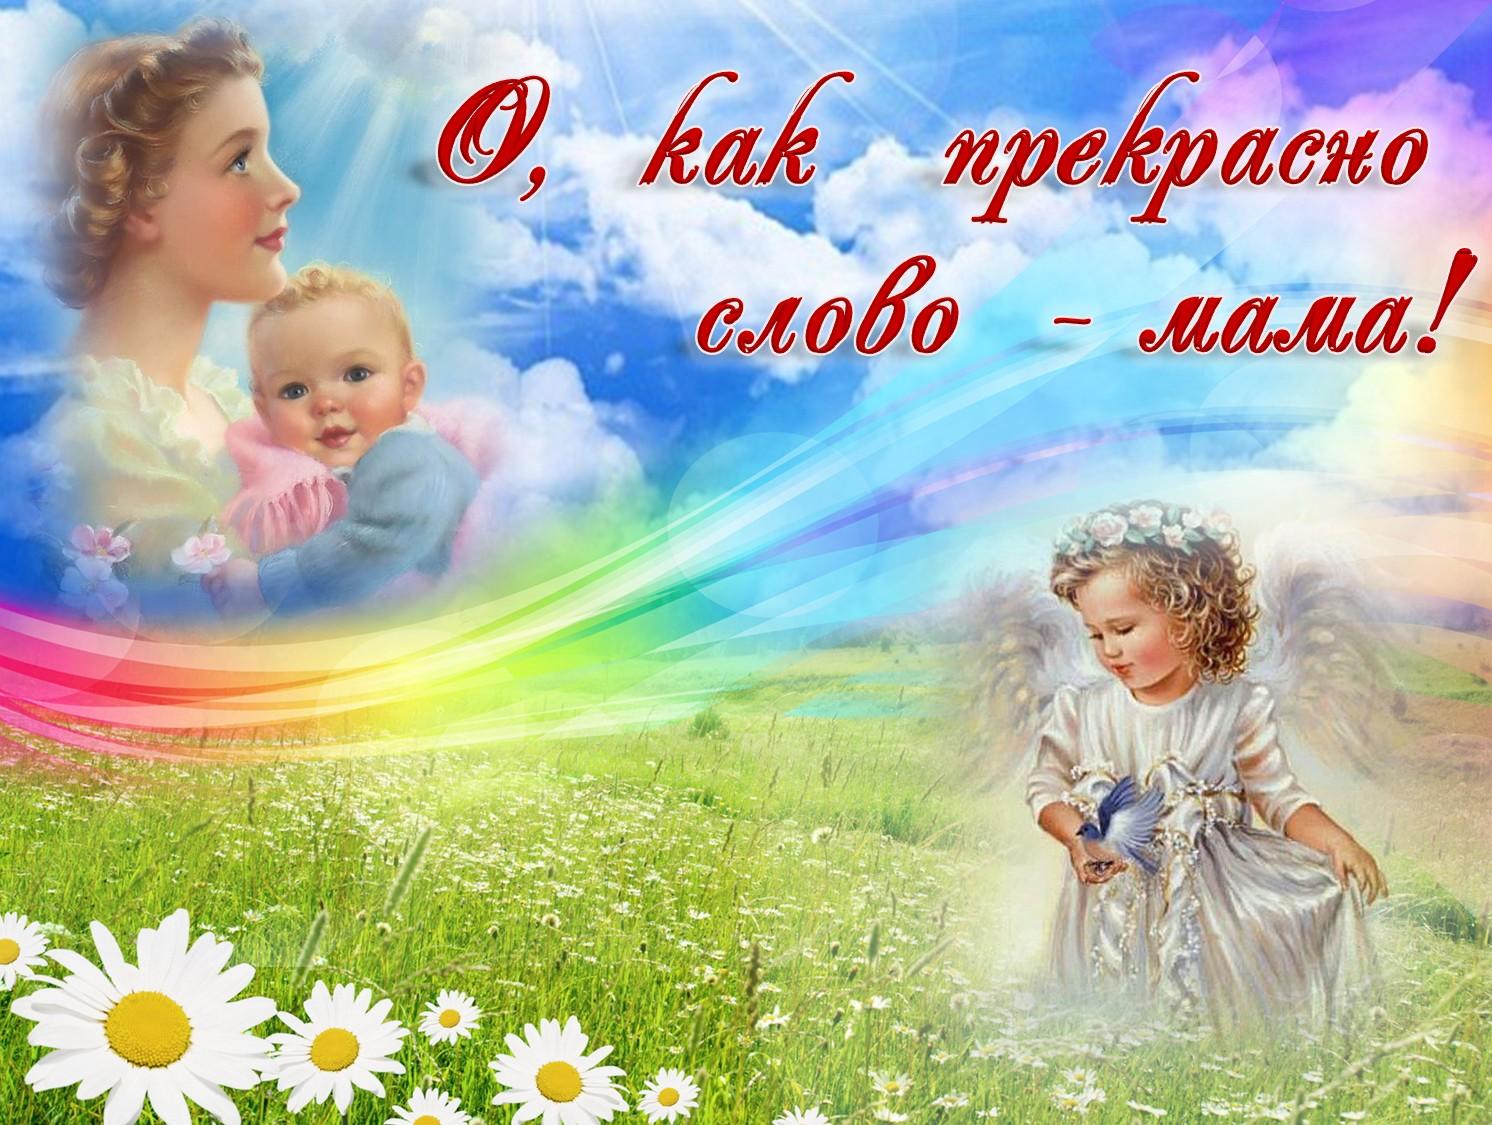 открытка с днем матери картинки для слайдов девочки платьях, костюмах